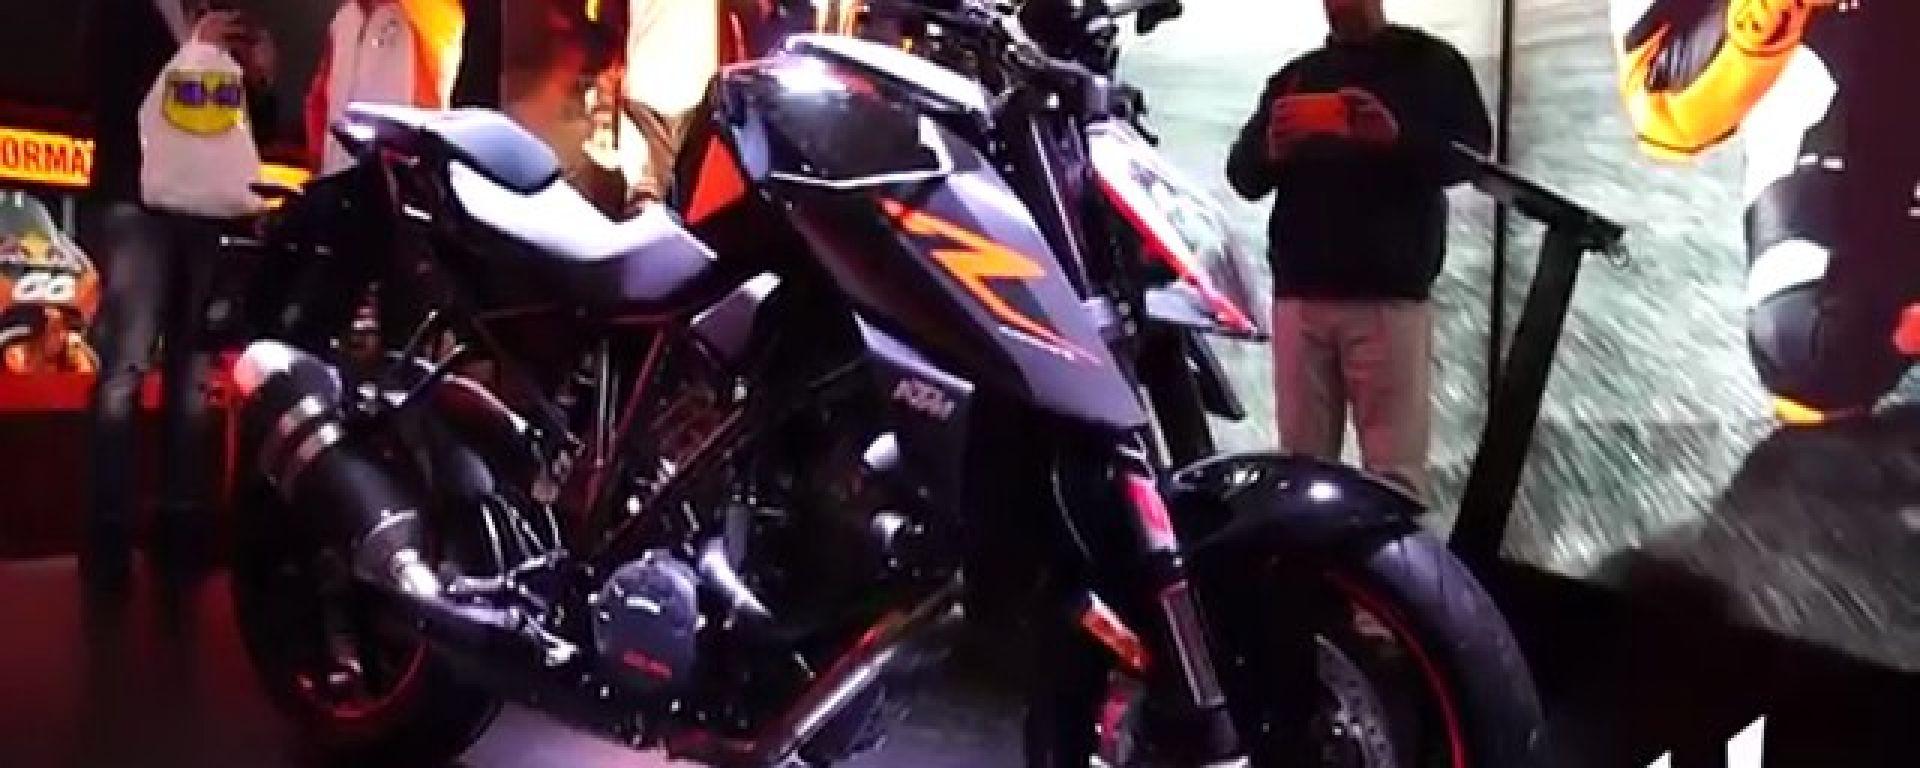 KTM 1290 Super Duke